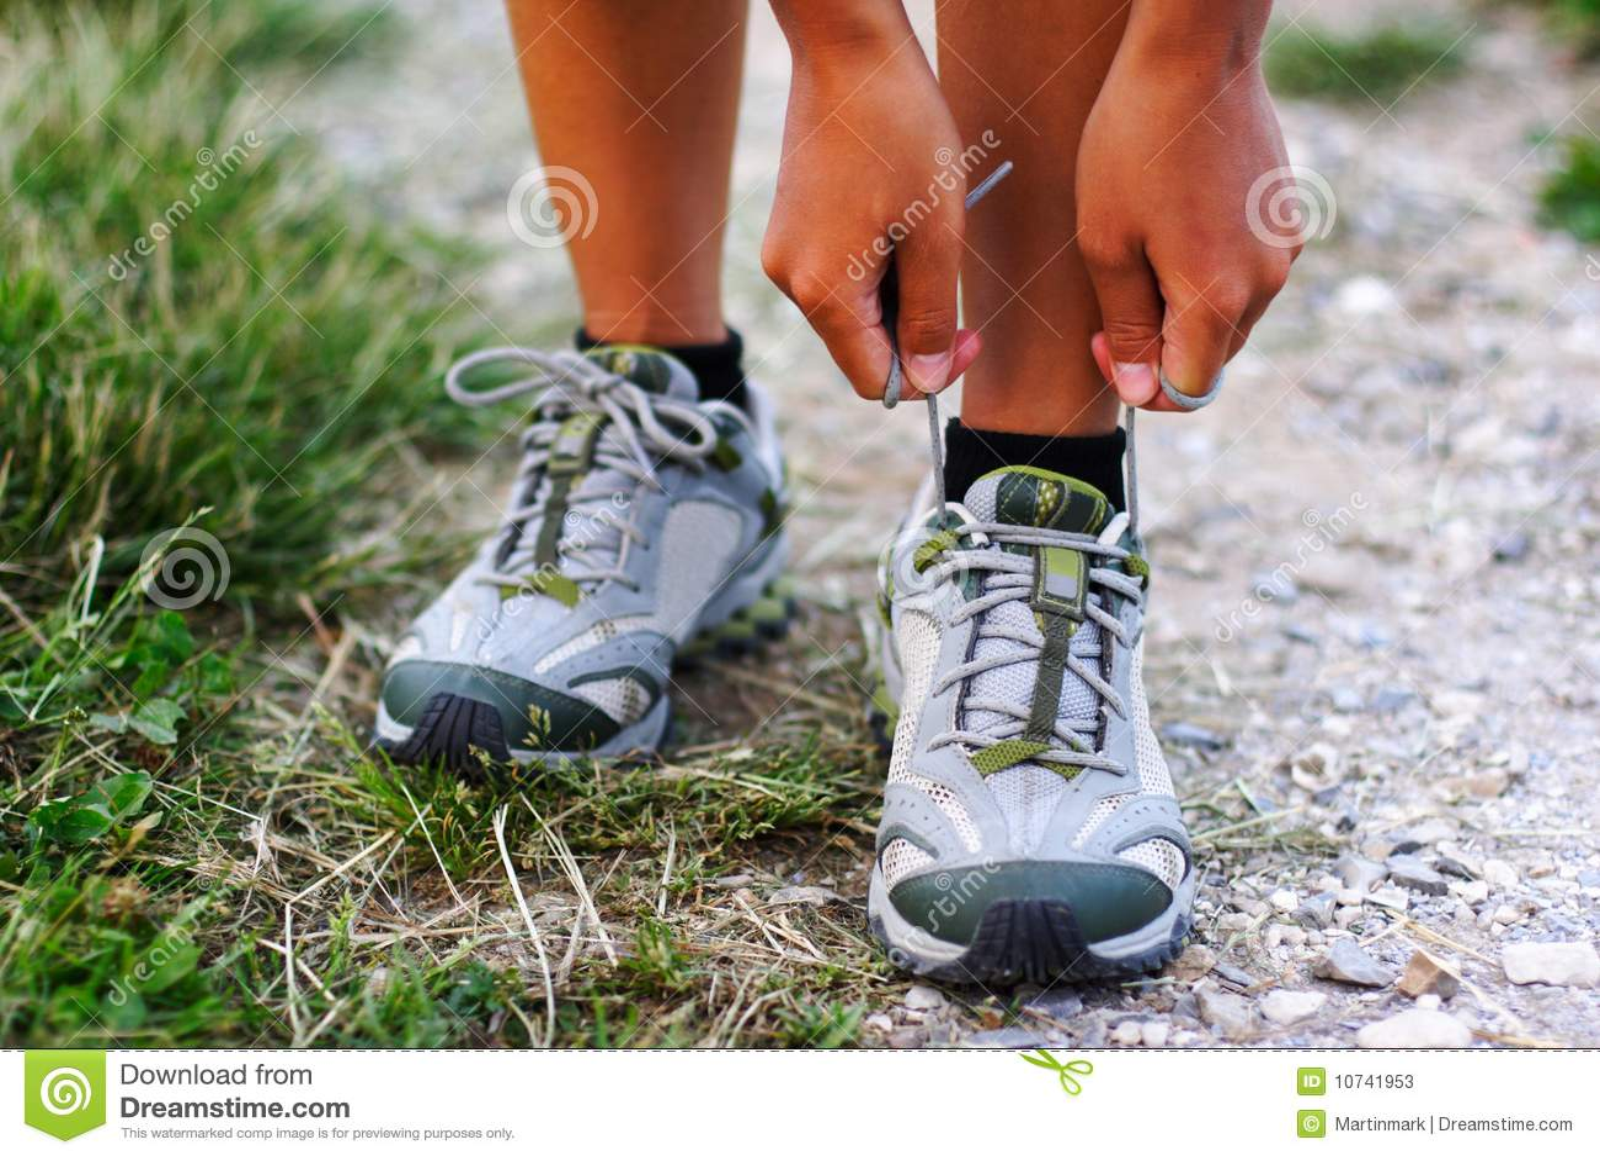 Sapatas Running